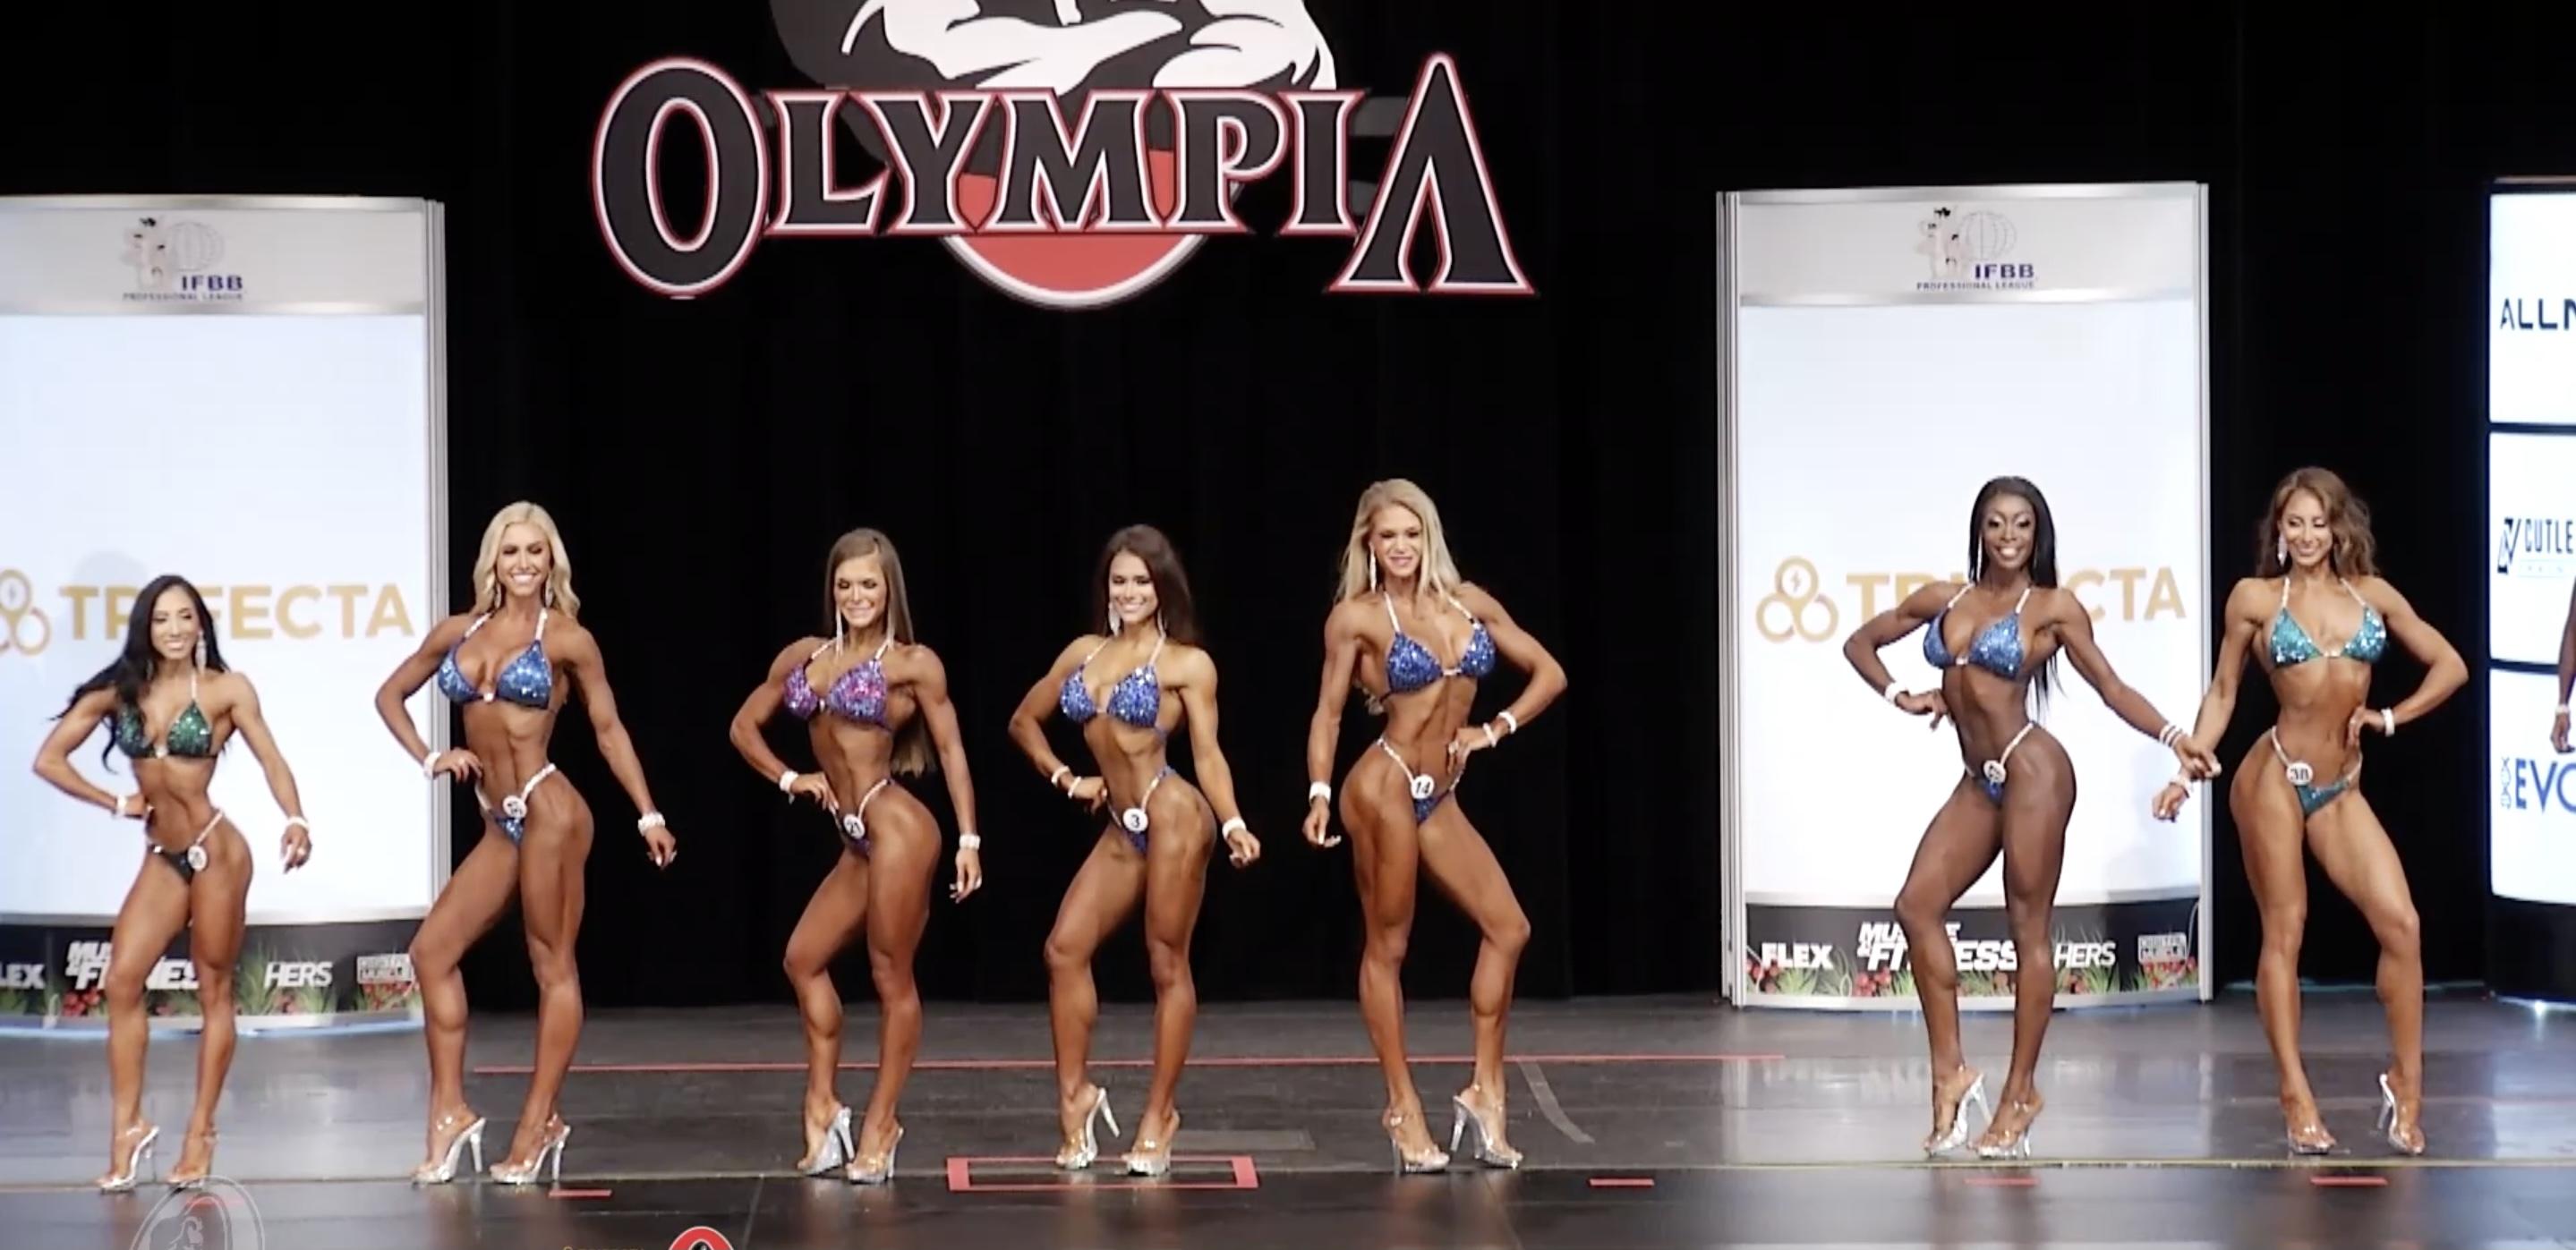 Olympia 2020 Bikini 4th Callout